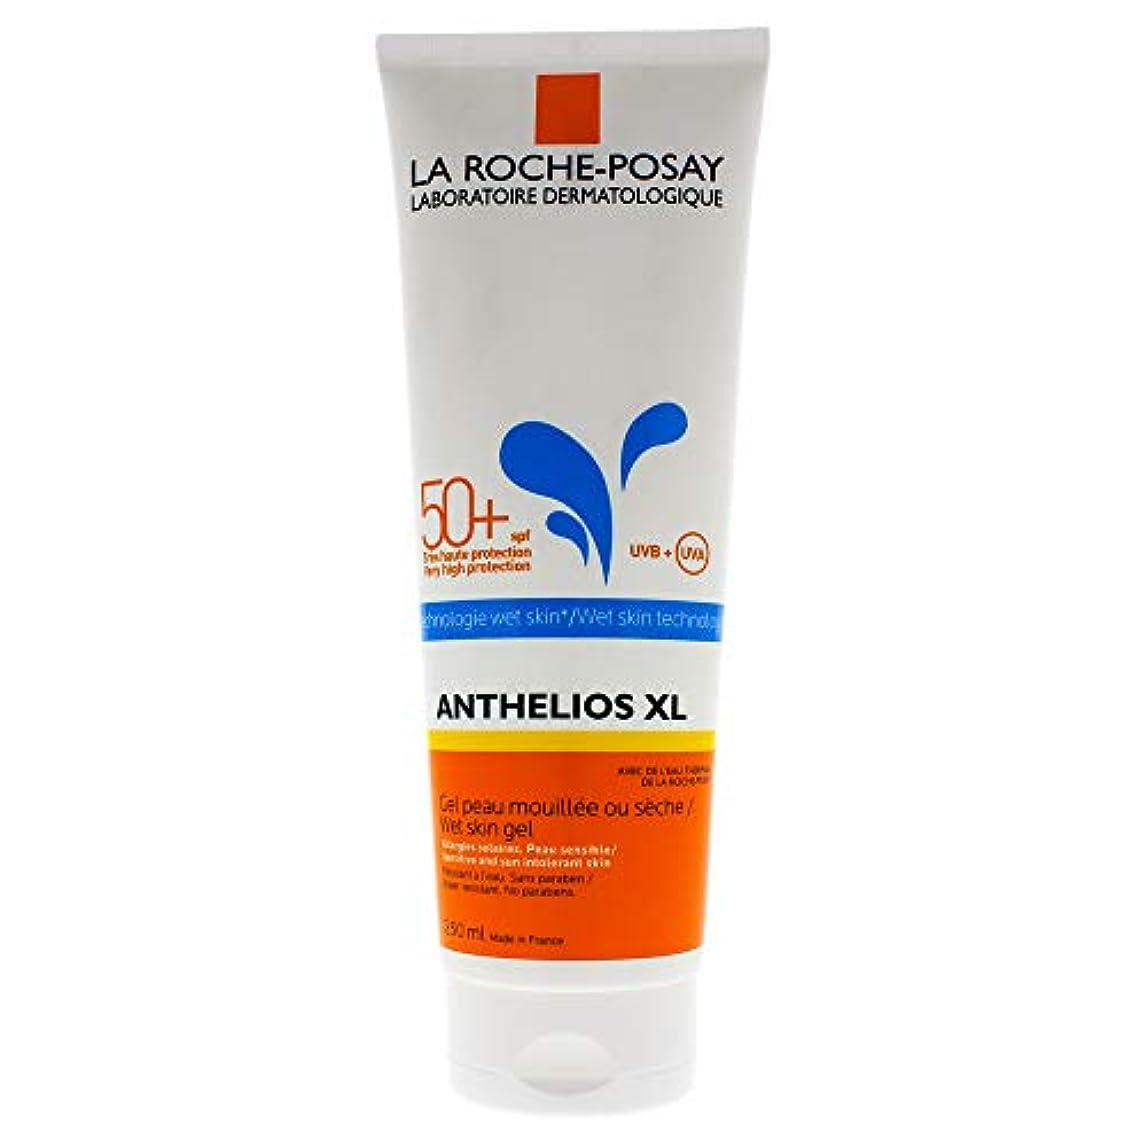 デンマークインポート策定するLa Roche-Posay(ラロッシュポゼ) 【濡れた肌にも使える日やけ止めジェルクリーム】アンテリオス XL ウェットスキン SPF50+/PA++++ 250mL <フェイス?ボディ用>